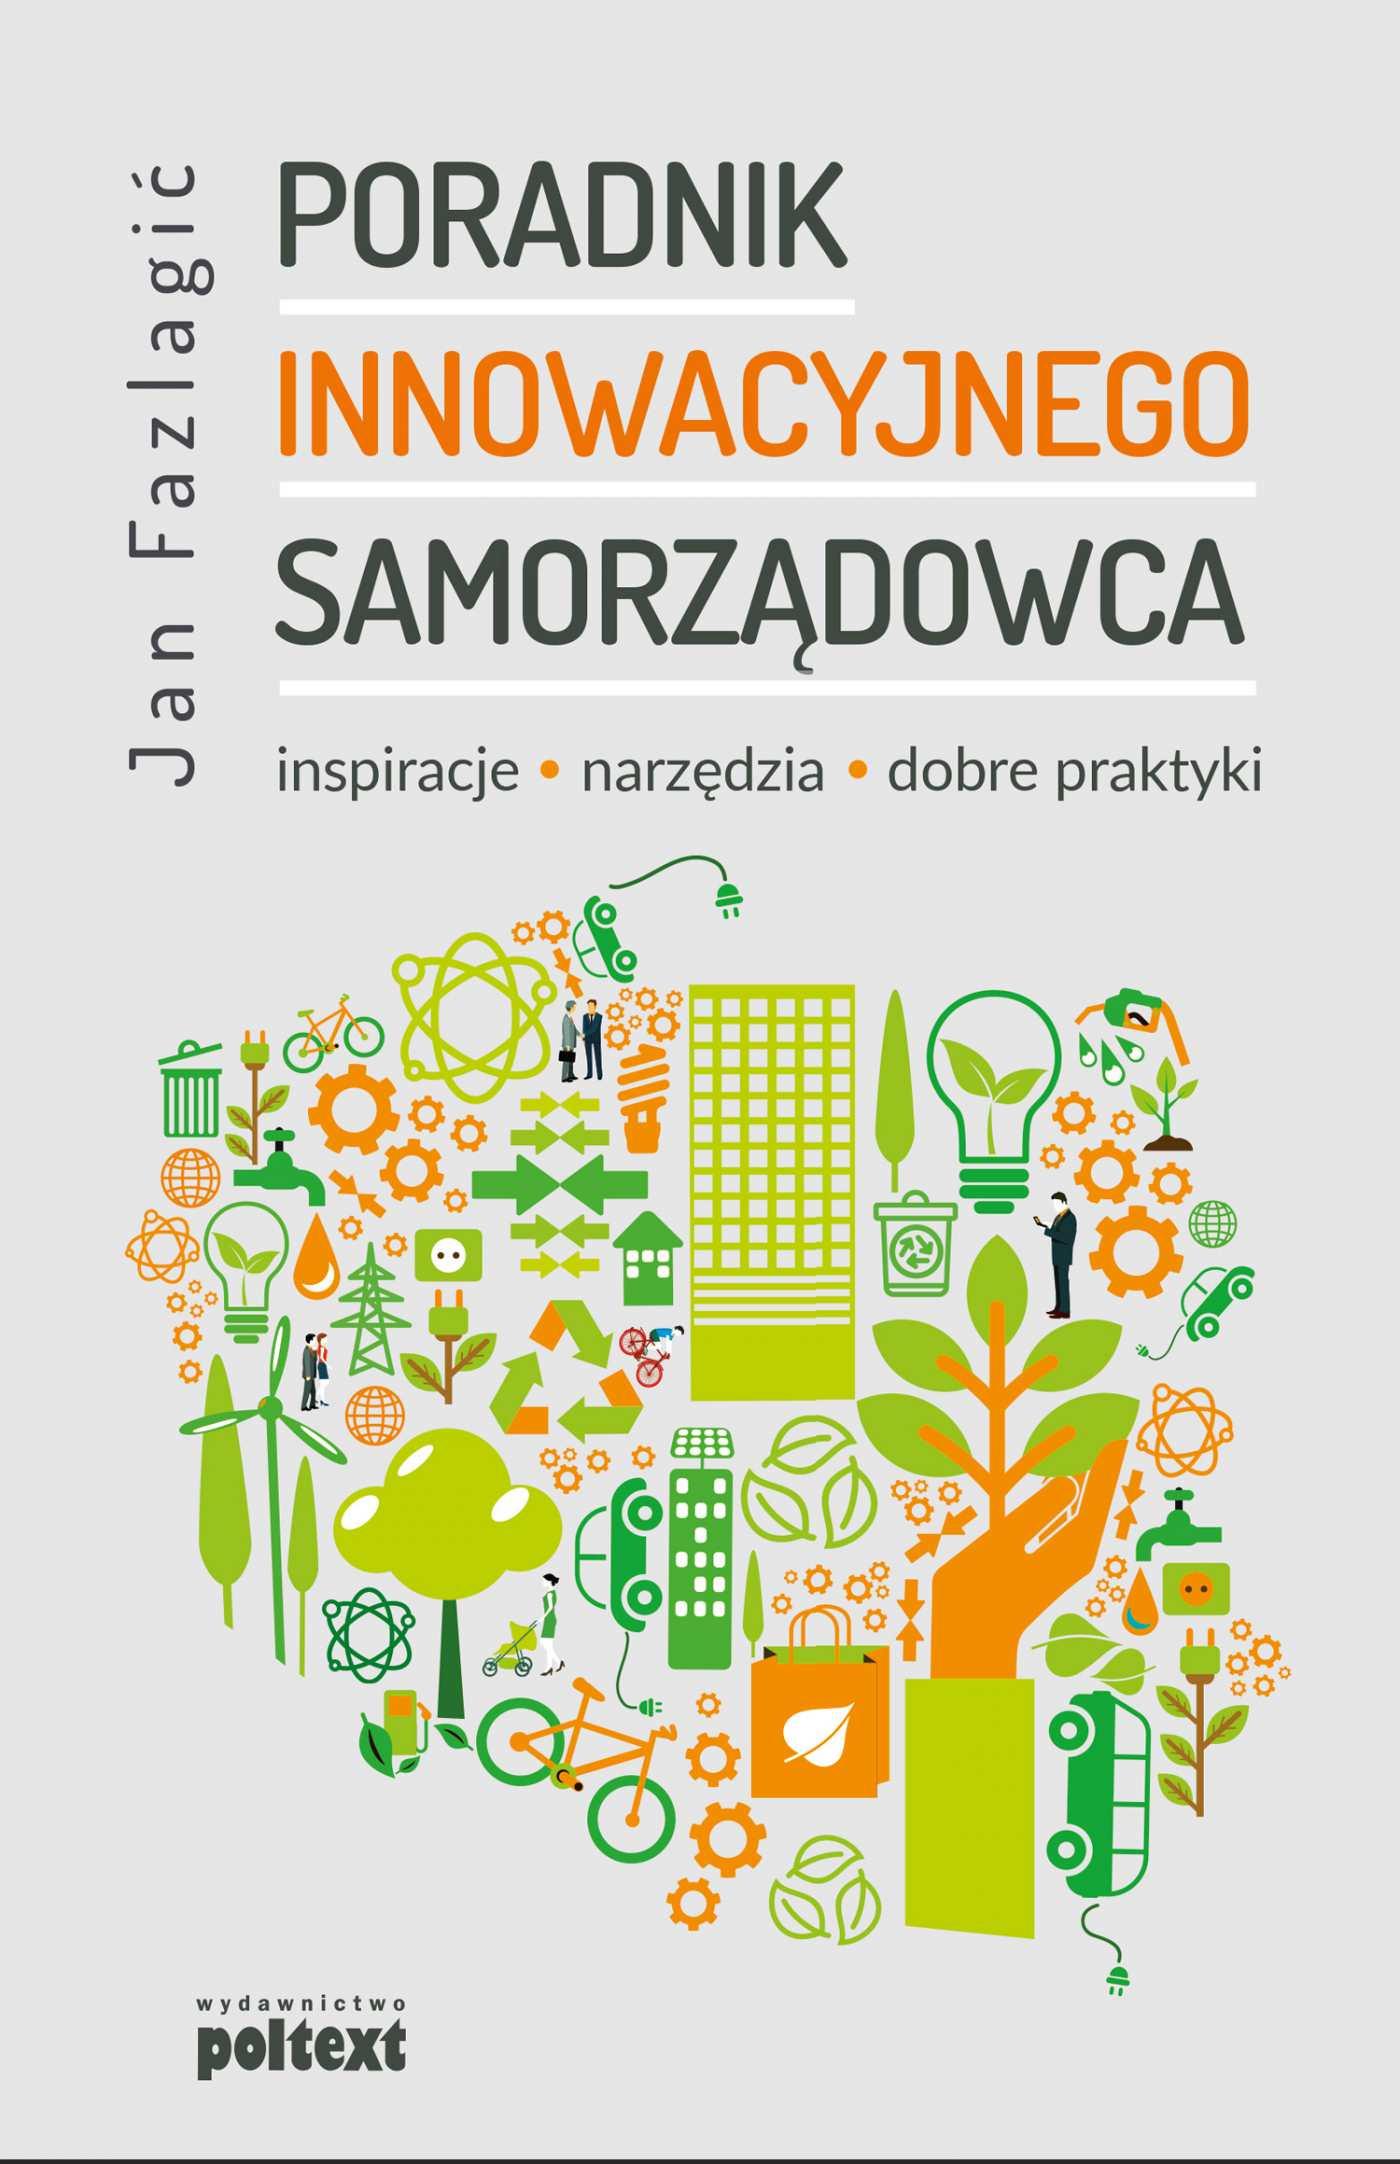 Poradnik innowacyjnego samorządowca. Inspiracje, narzędzia, dobre praktyki - Ebook (Książka EPUB) do pobrania w formacie EPUB